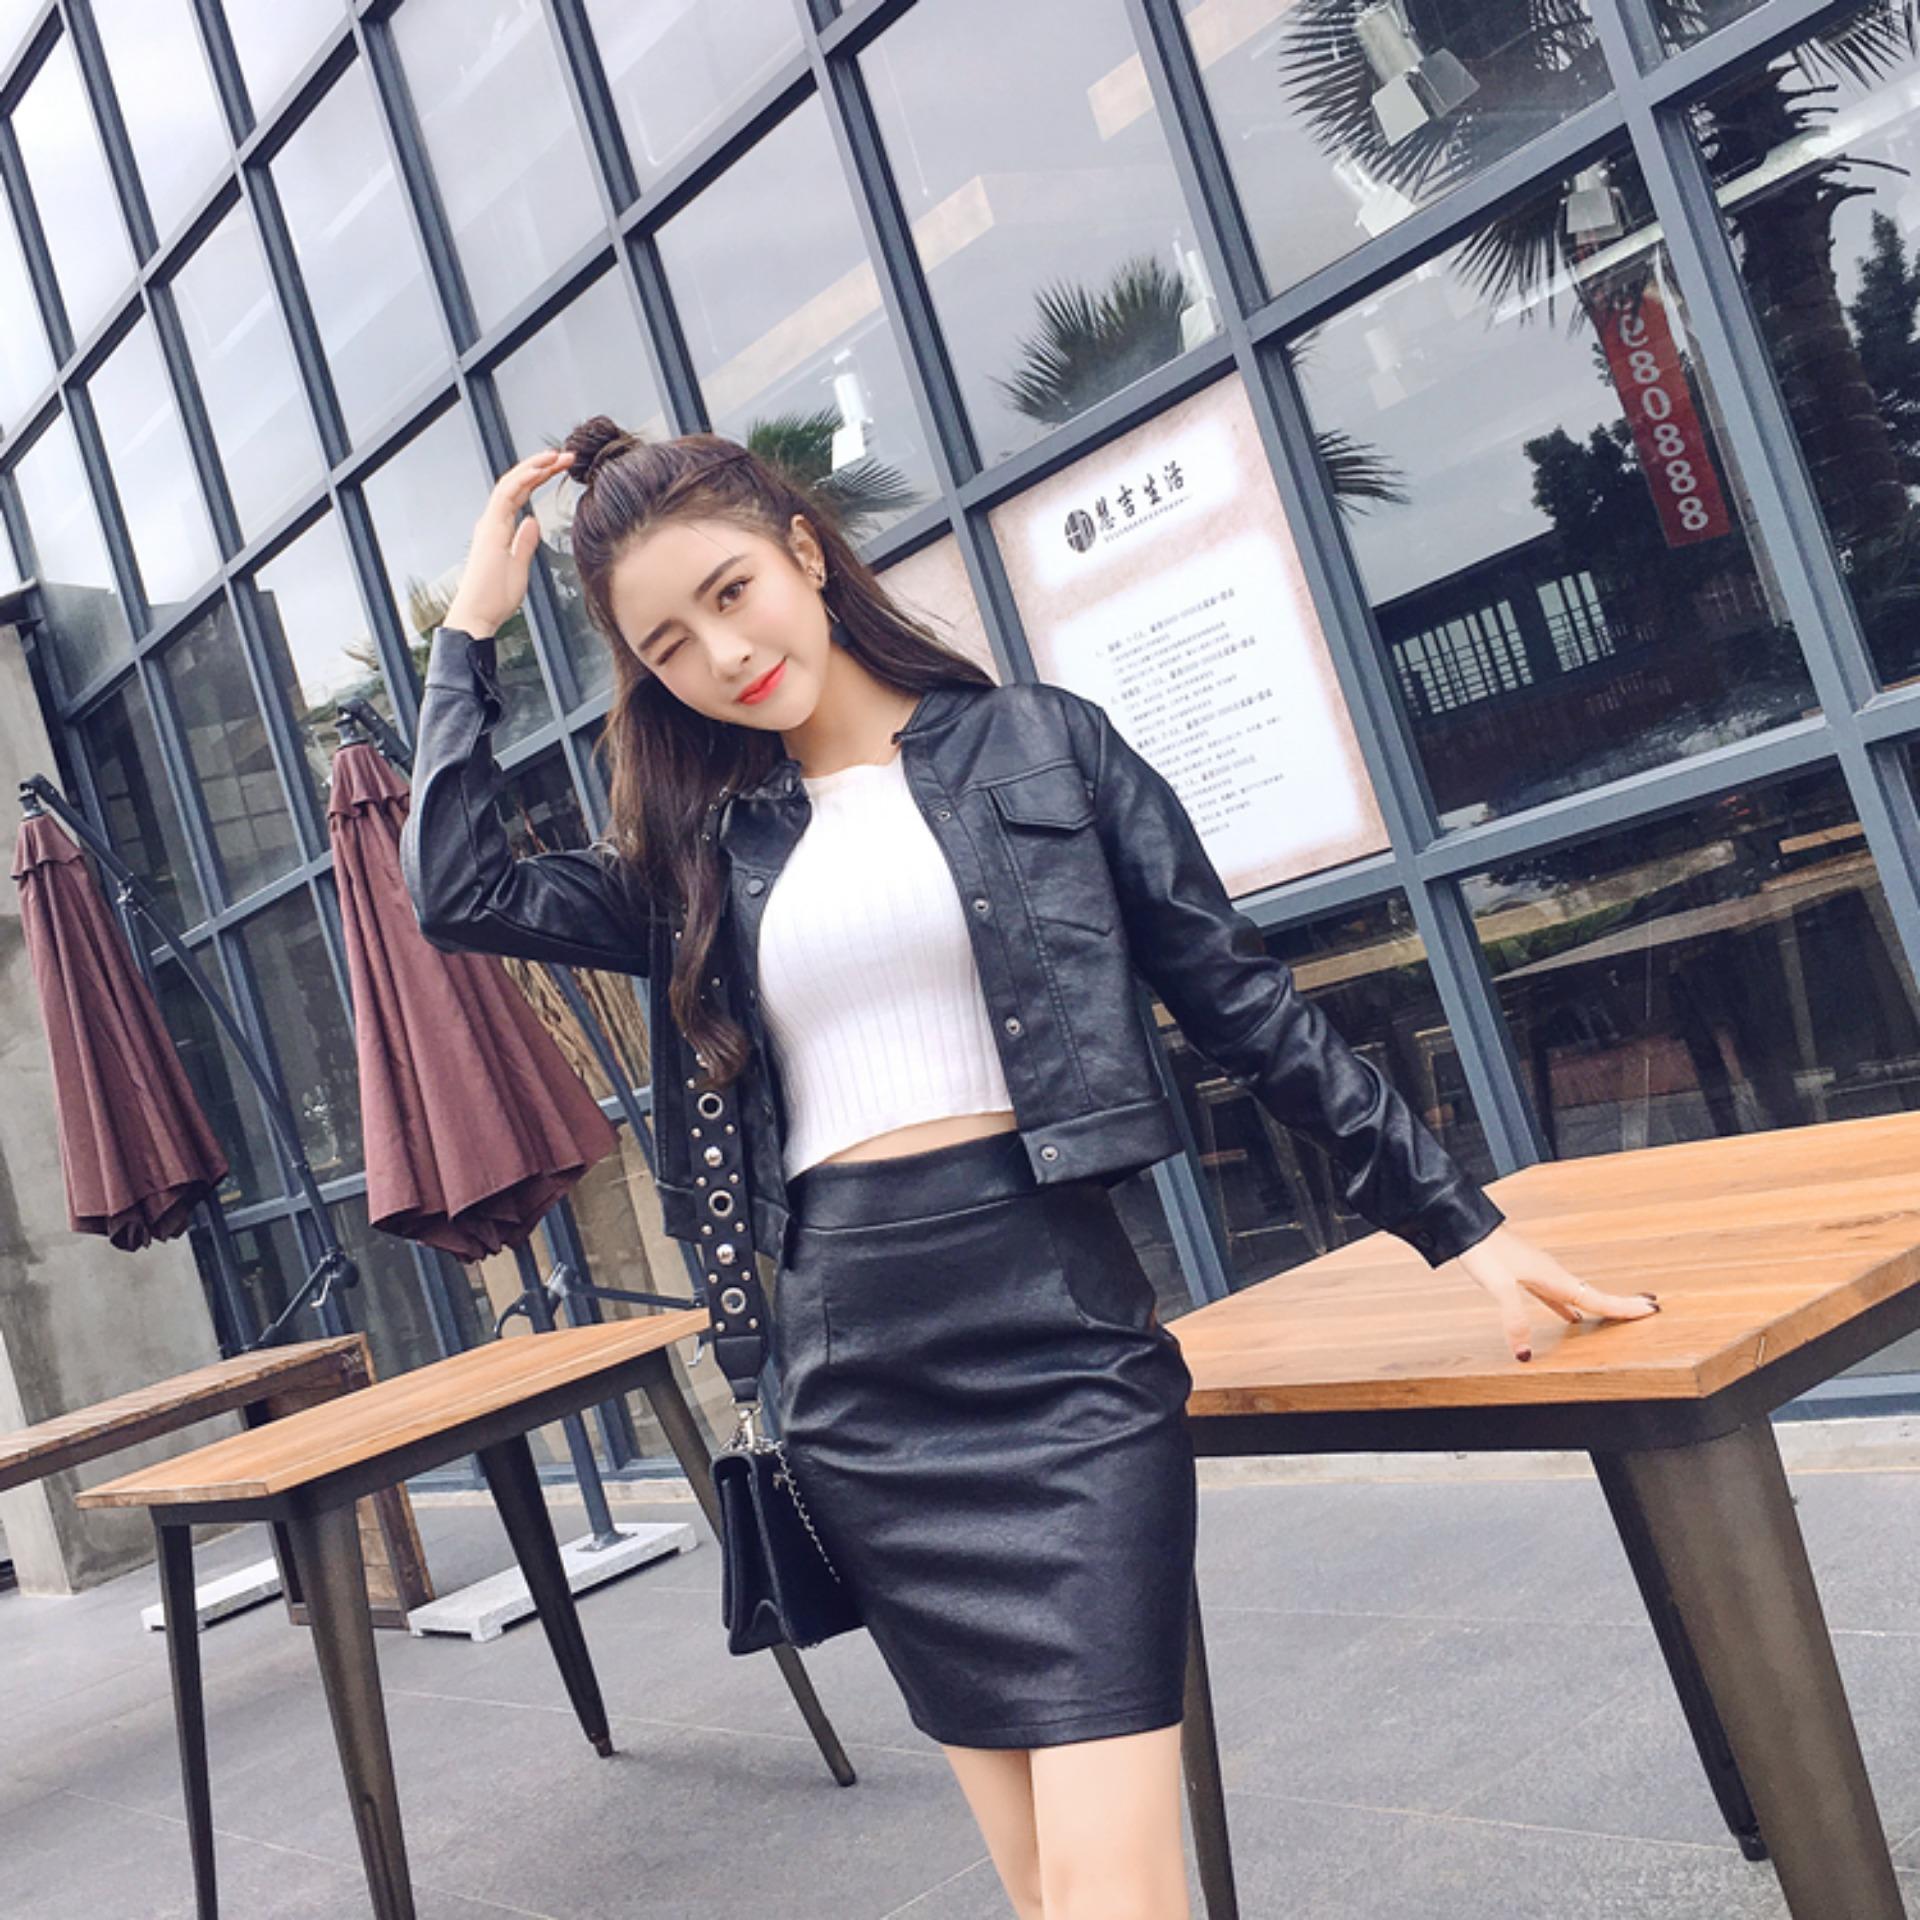 Phối đồ với chân váy da: Gợi ý thời trang Thu - Đông cho các cô nàng sành điệu - Ảnh 18